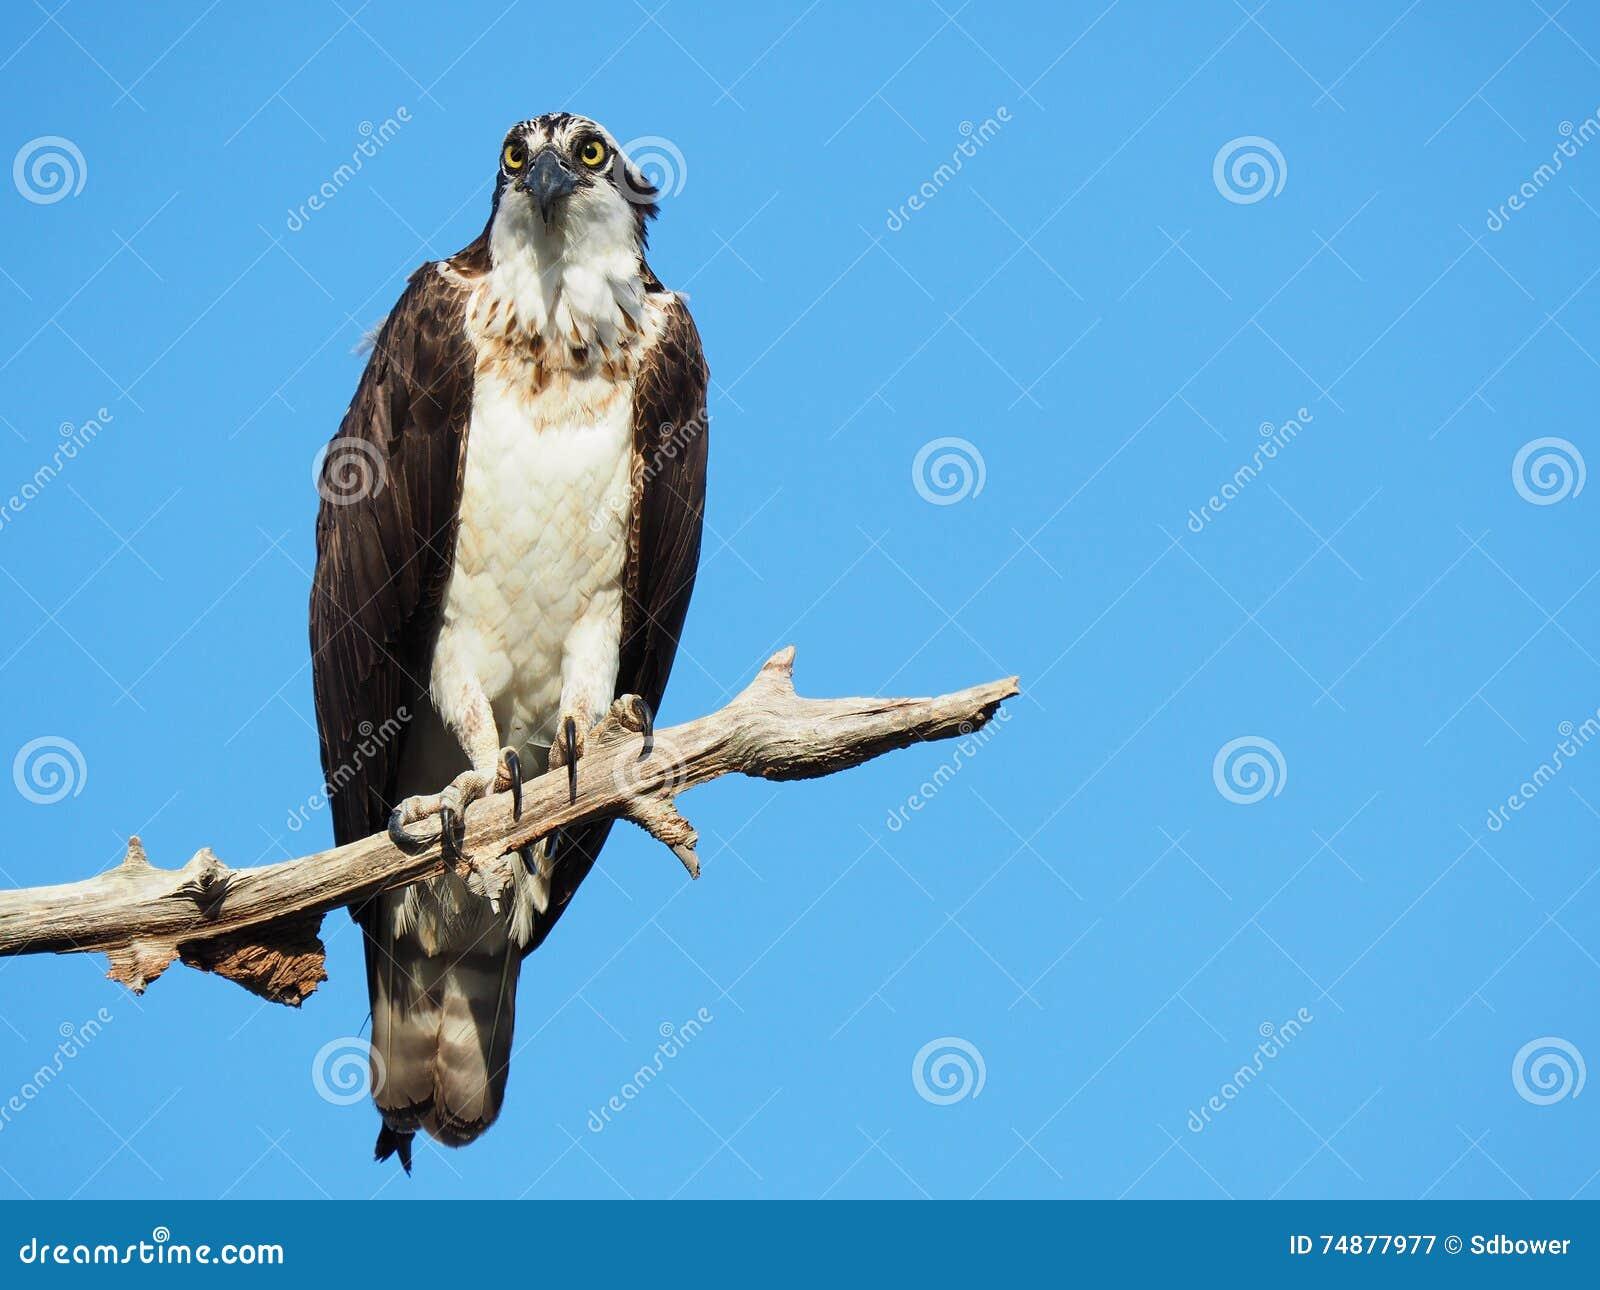 Águia pescadora madura empoleirada em um membro de árvore inoperante